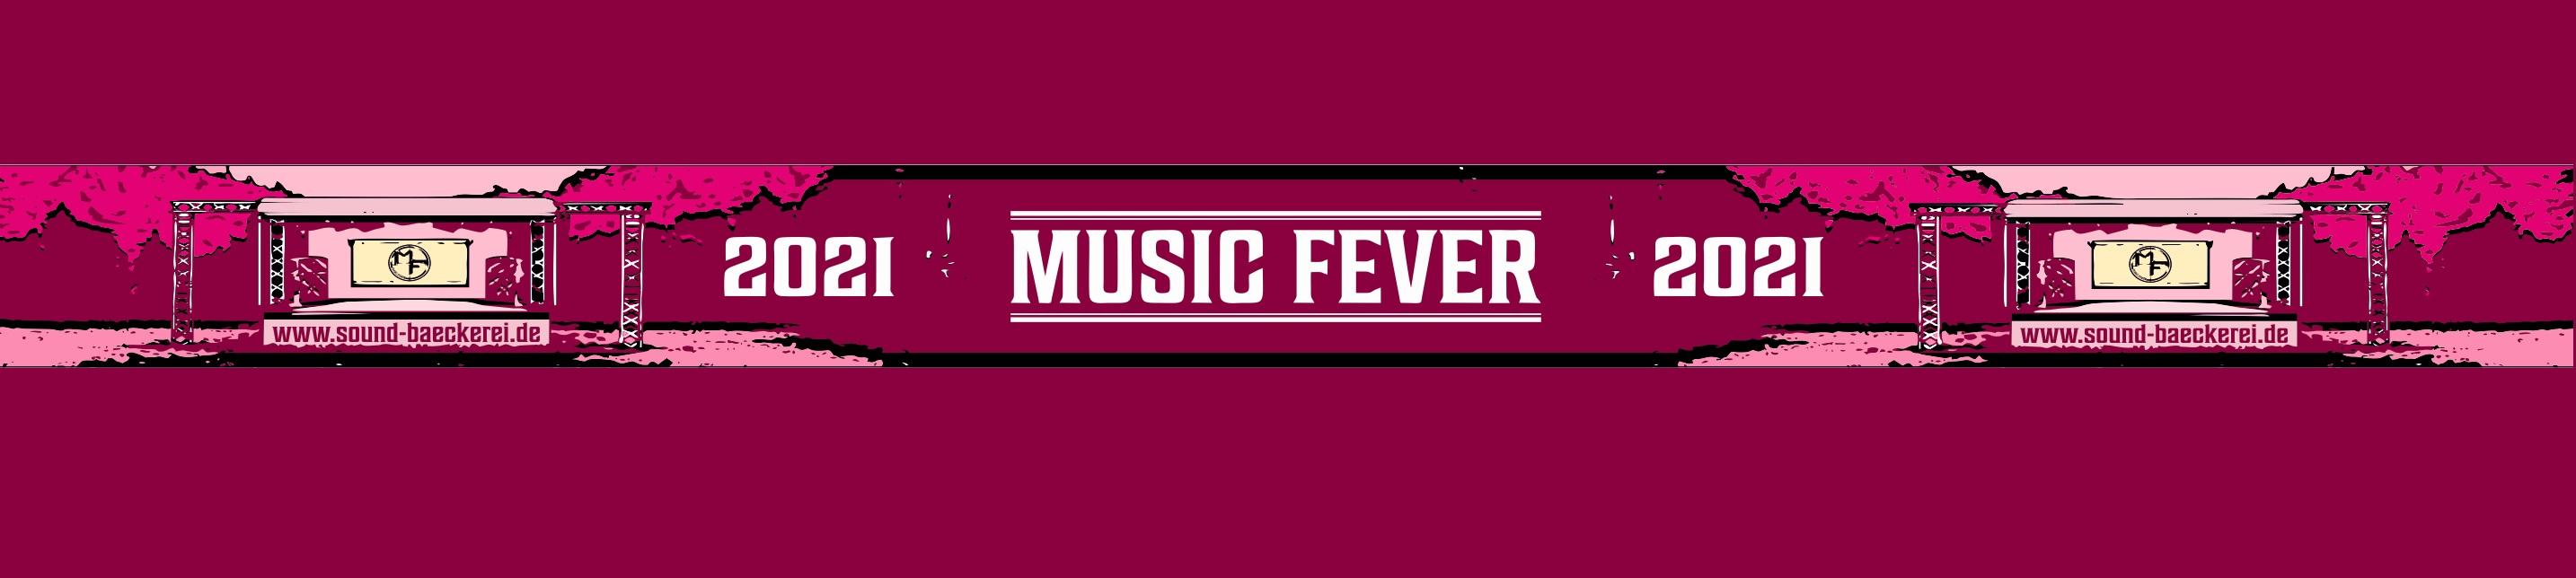 Music Fever Bändchen 2021